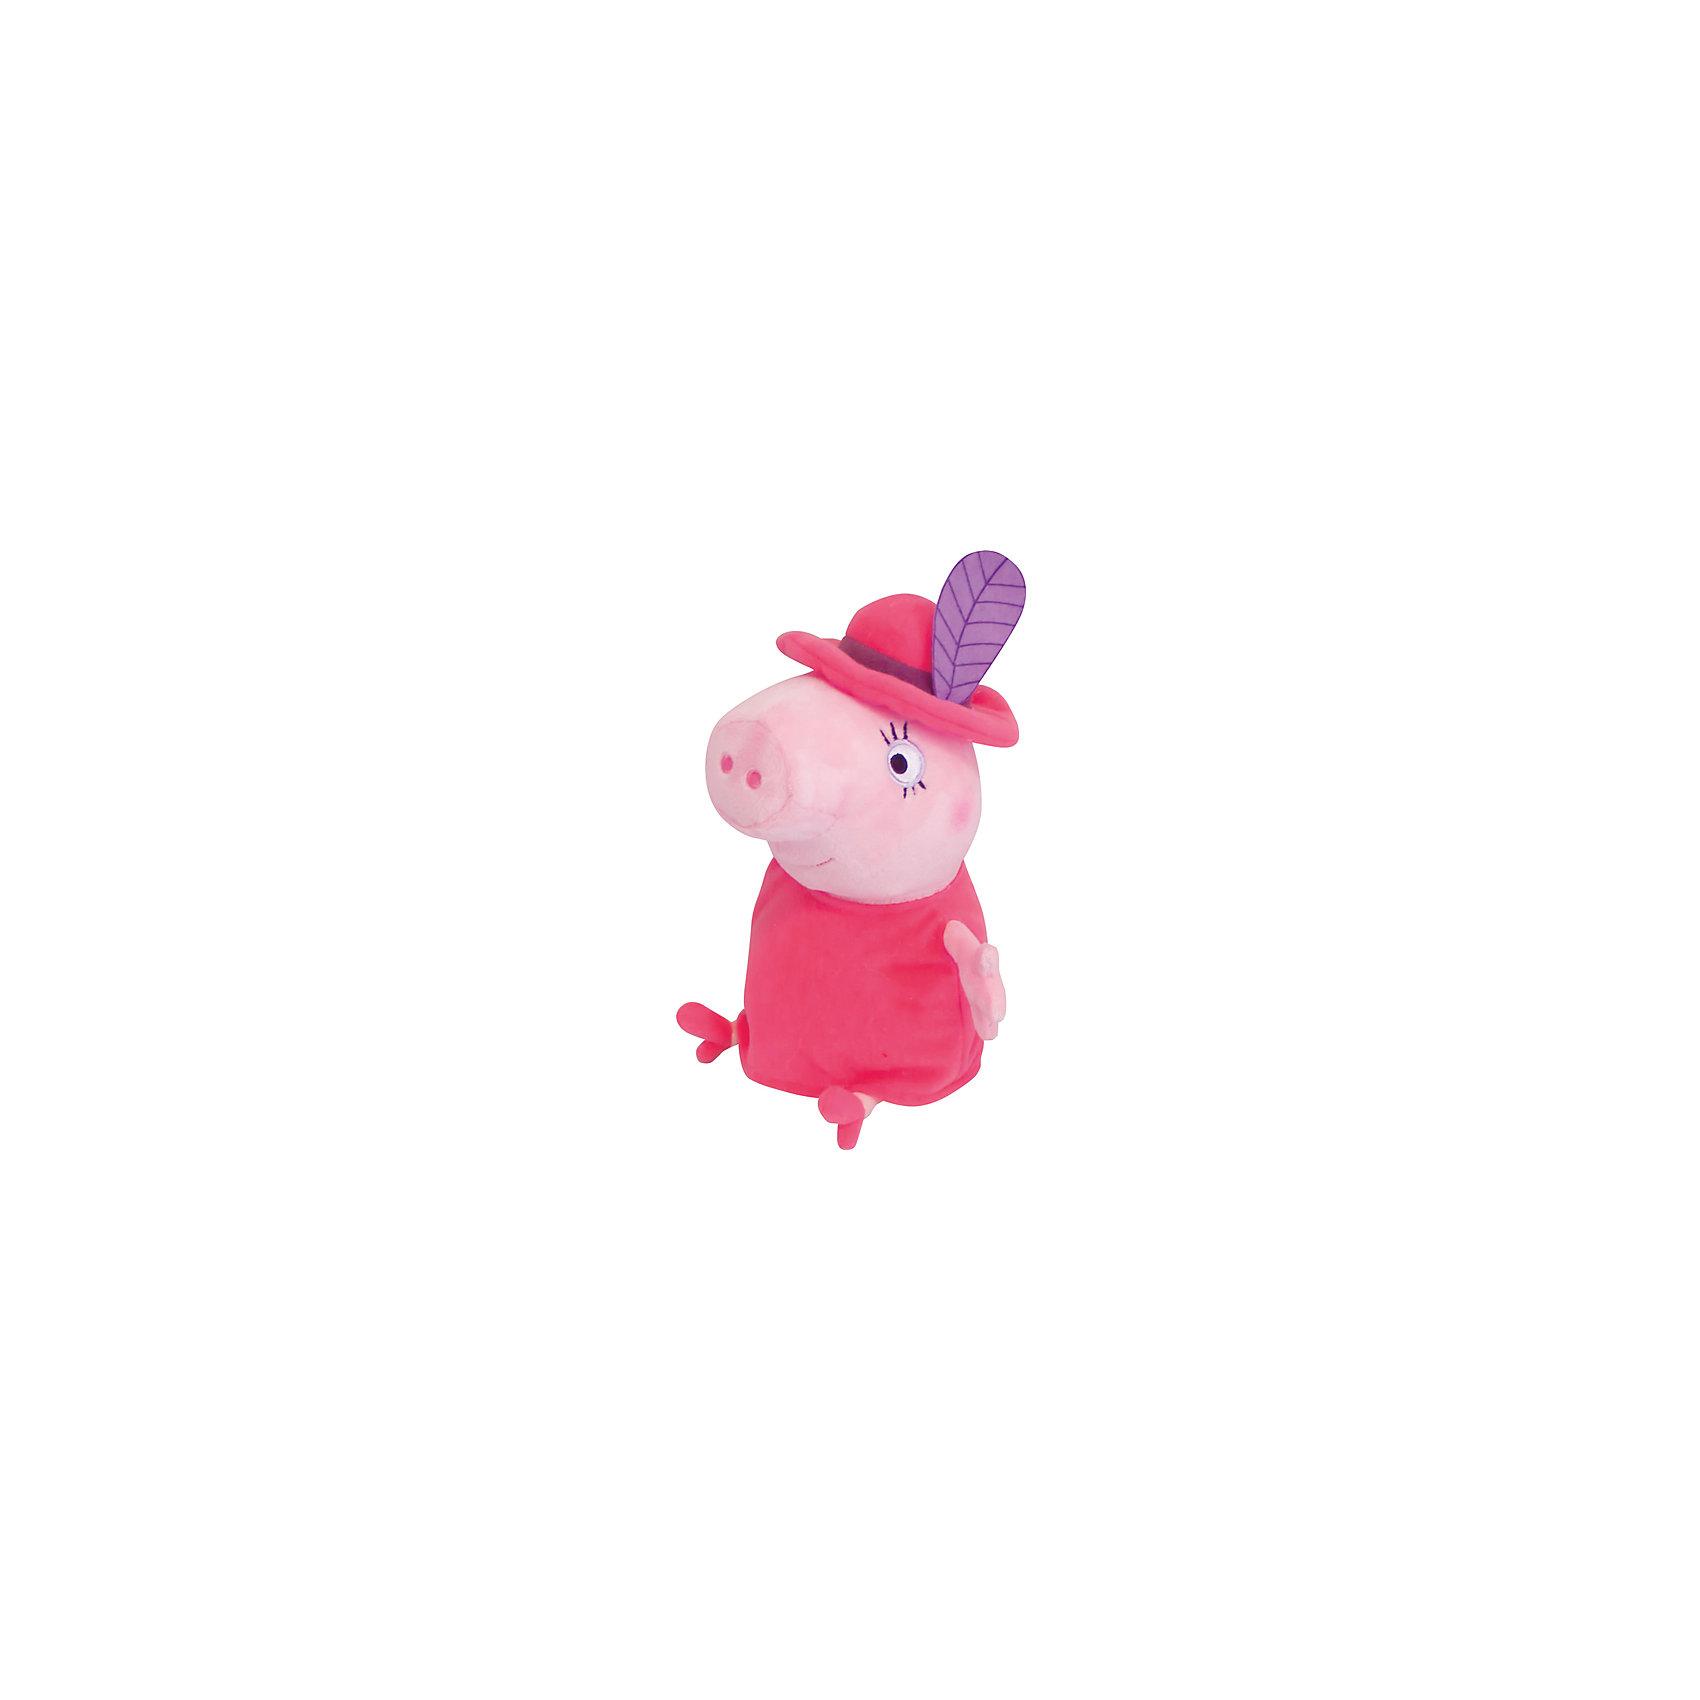 Мягкая игрушка Мама в шляпе, 30 см, Свинка ПеппаЛюбимые герои<br>Маленьким поклонникам Свинки Пеппы не придется скучать с мягкой игрушкой в виде Мамы Свинки в очаровательной шляпе с «пером», как в мультфильме. С ней можно задорно играть, ее приятно обнимать, а спать, обнимая любимую героиню мультфильма, – одно удовольствие: все сны сразу становятся сладкими и безмятежными. А если приобрести другие игрушки из серии «Peppa Pig», то малыши смогут придумывать множество своих собственных историй о приключениях Свинки Пеппы, ее семьи и друзей.&#13;<br><br>Дополнительная информация:<br><br>Мягкая игрушка «Мама в шляпе» имеет высоту 30 см (размер указан с ножками) и очень приятна на ощупь, так как изготовлена из нежной велюровой ткани и плотно набита. <br>Глазки, носик и ротик Мамы Свинки выполнены в виде плотной вышивки. Платье и шляпа несъемные.<br><br>Мягкую игрушку Мама в шляпе, 30 см, Свинка Пеппа можно купить в нашем магазине.<br><br>Ширина мм: 210<br>Глубина мм: 190<br>Высота мм: 300<br>Вес г: 250<br>Возраст от месяцев: 36<br>Возраст до месяцев: 72<br>Пол: Унисекс<br>Возраст: Детский<br>SKU: 4346599